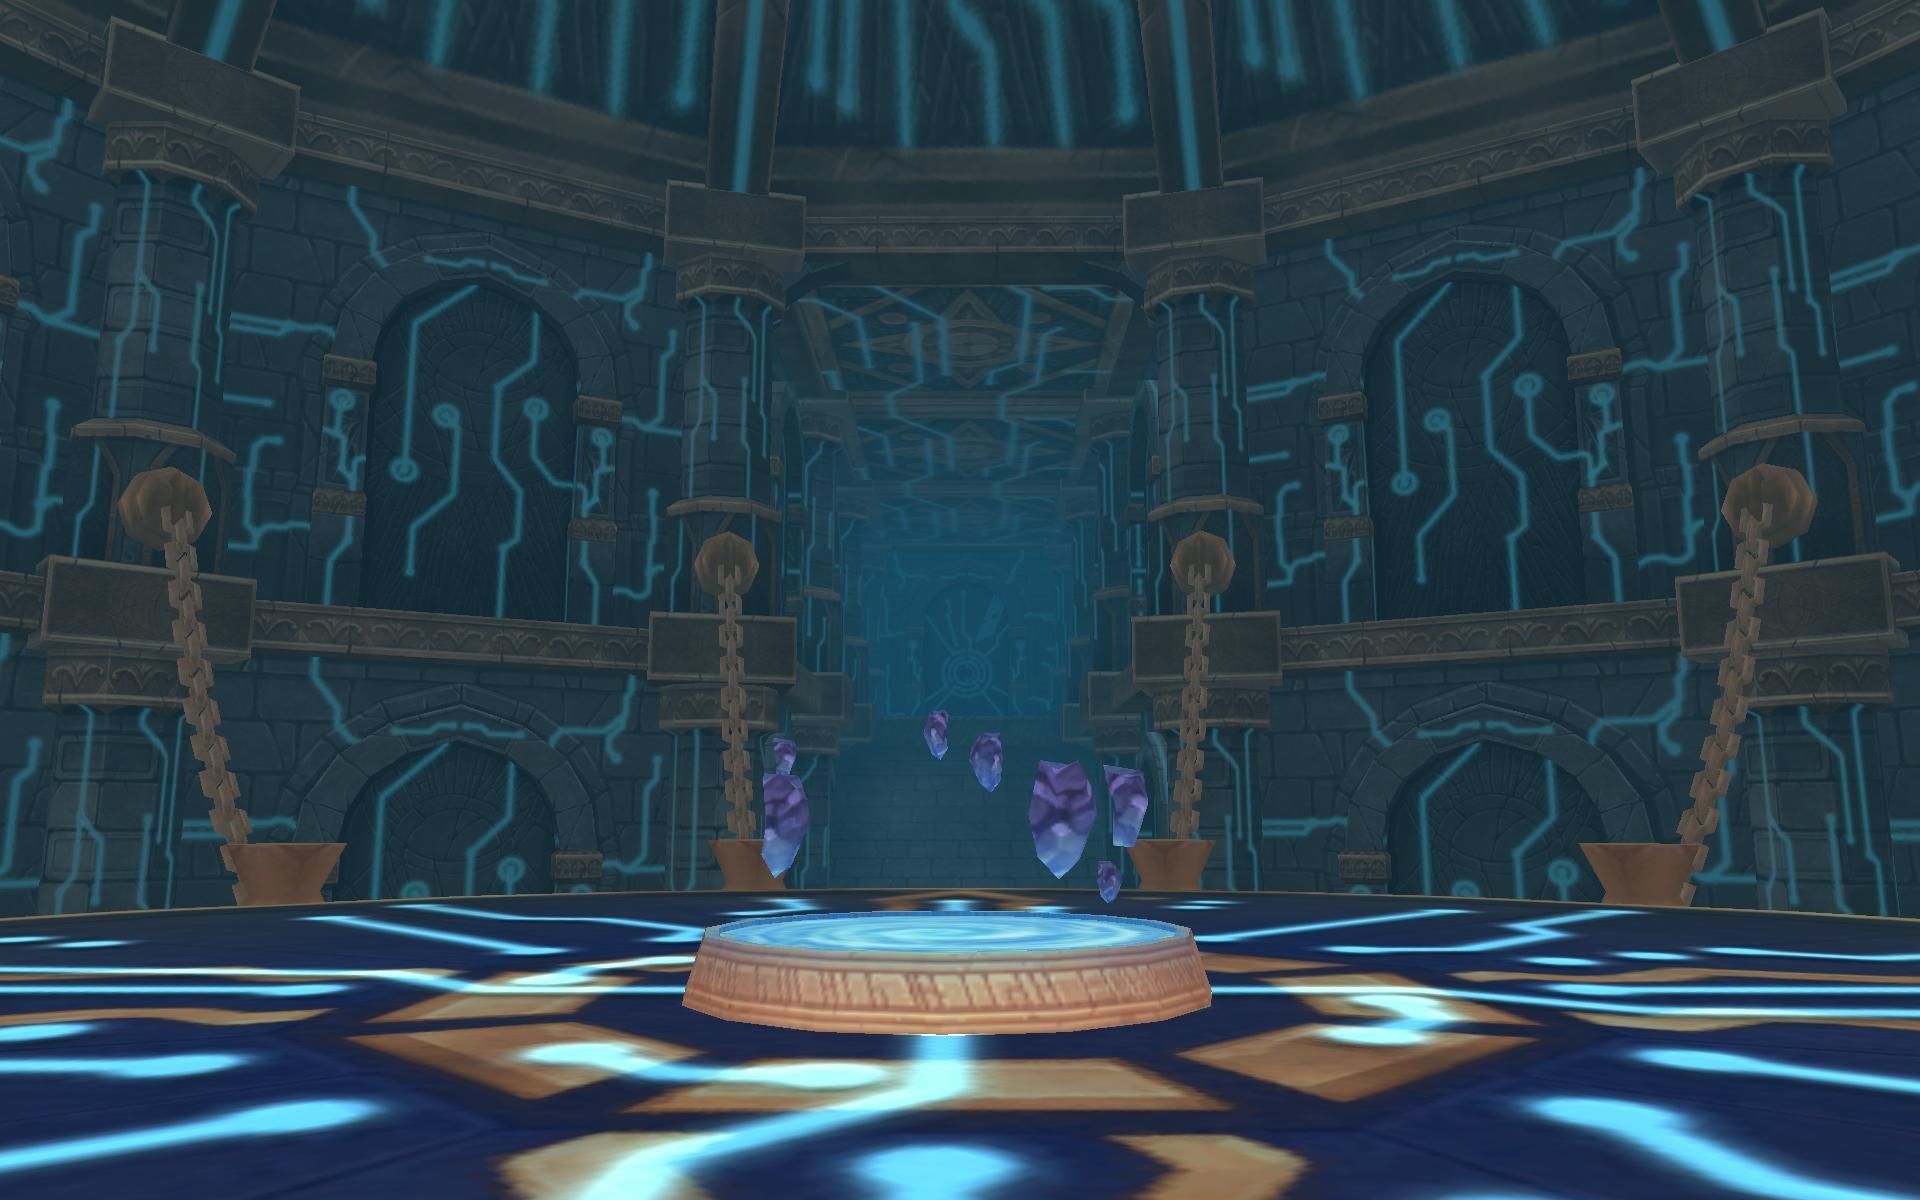 一人でも仲間とも遊べるオンラインRPG『TARTAROS -タルタロス-』Update Ver.29 「Eternal Dungeon-忘却の帝王-」実装日決定! 特設ページ公開のお知らせ